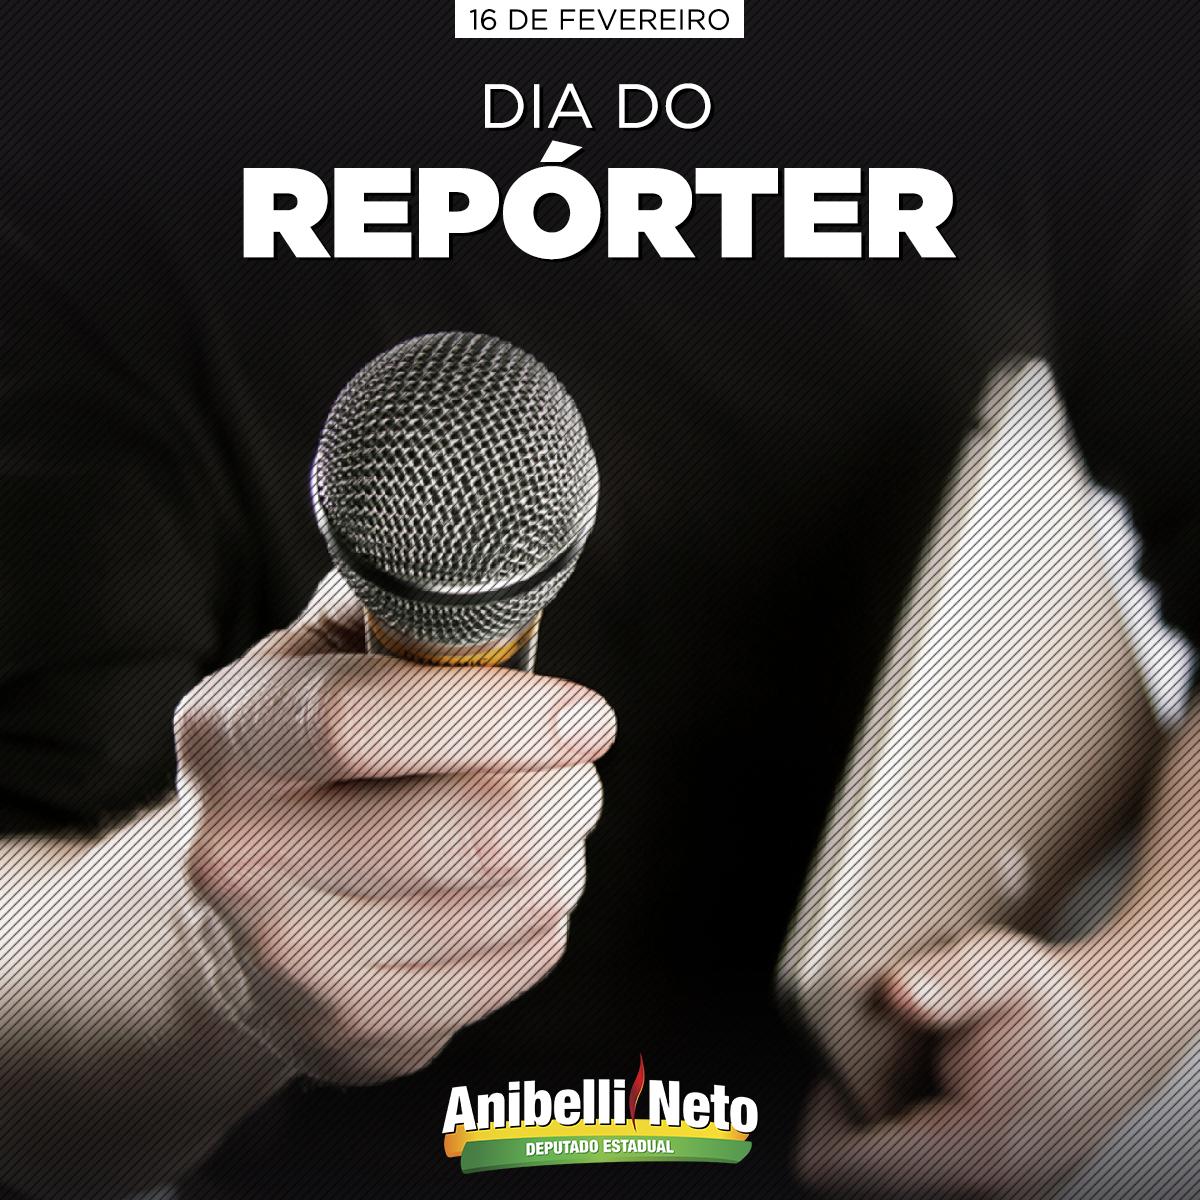 Dia do Repórter